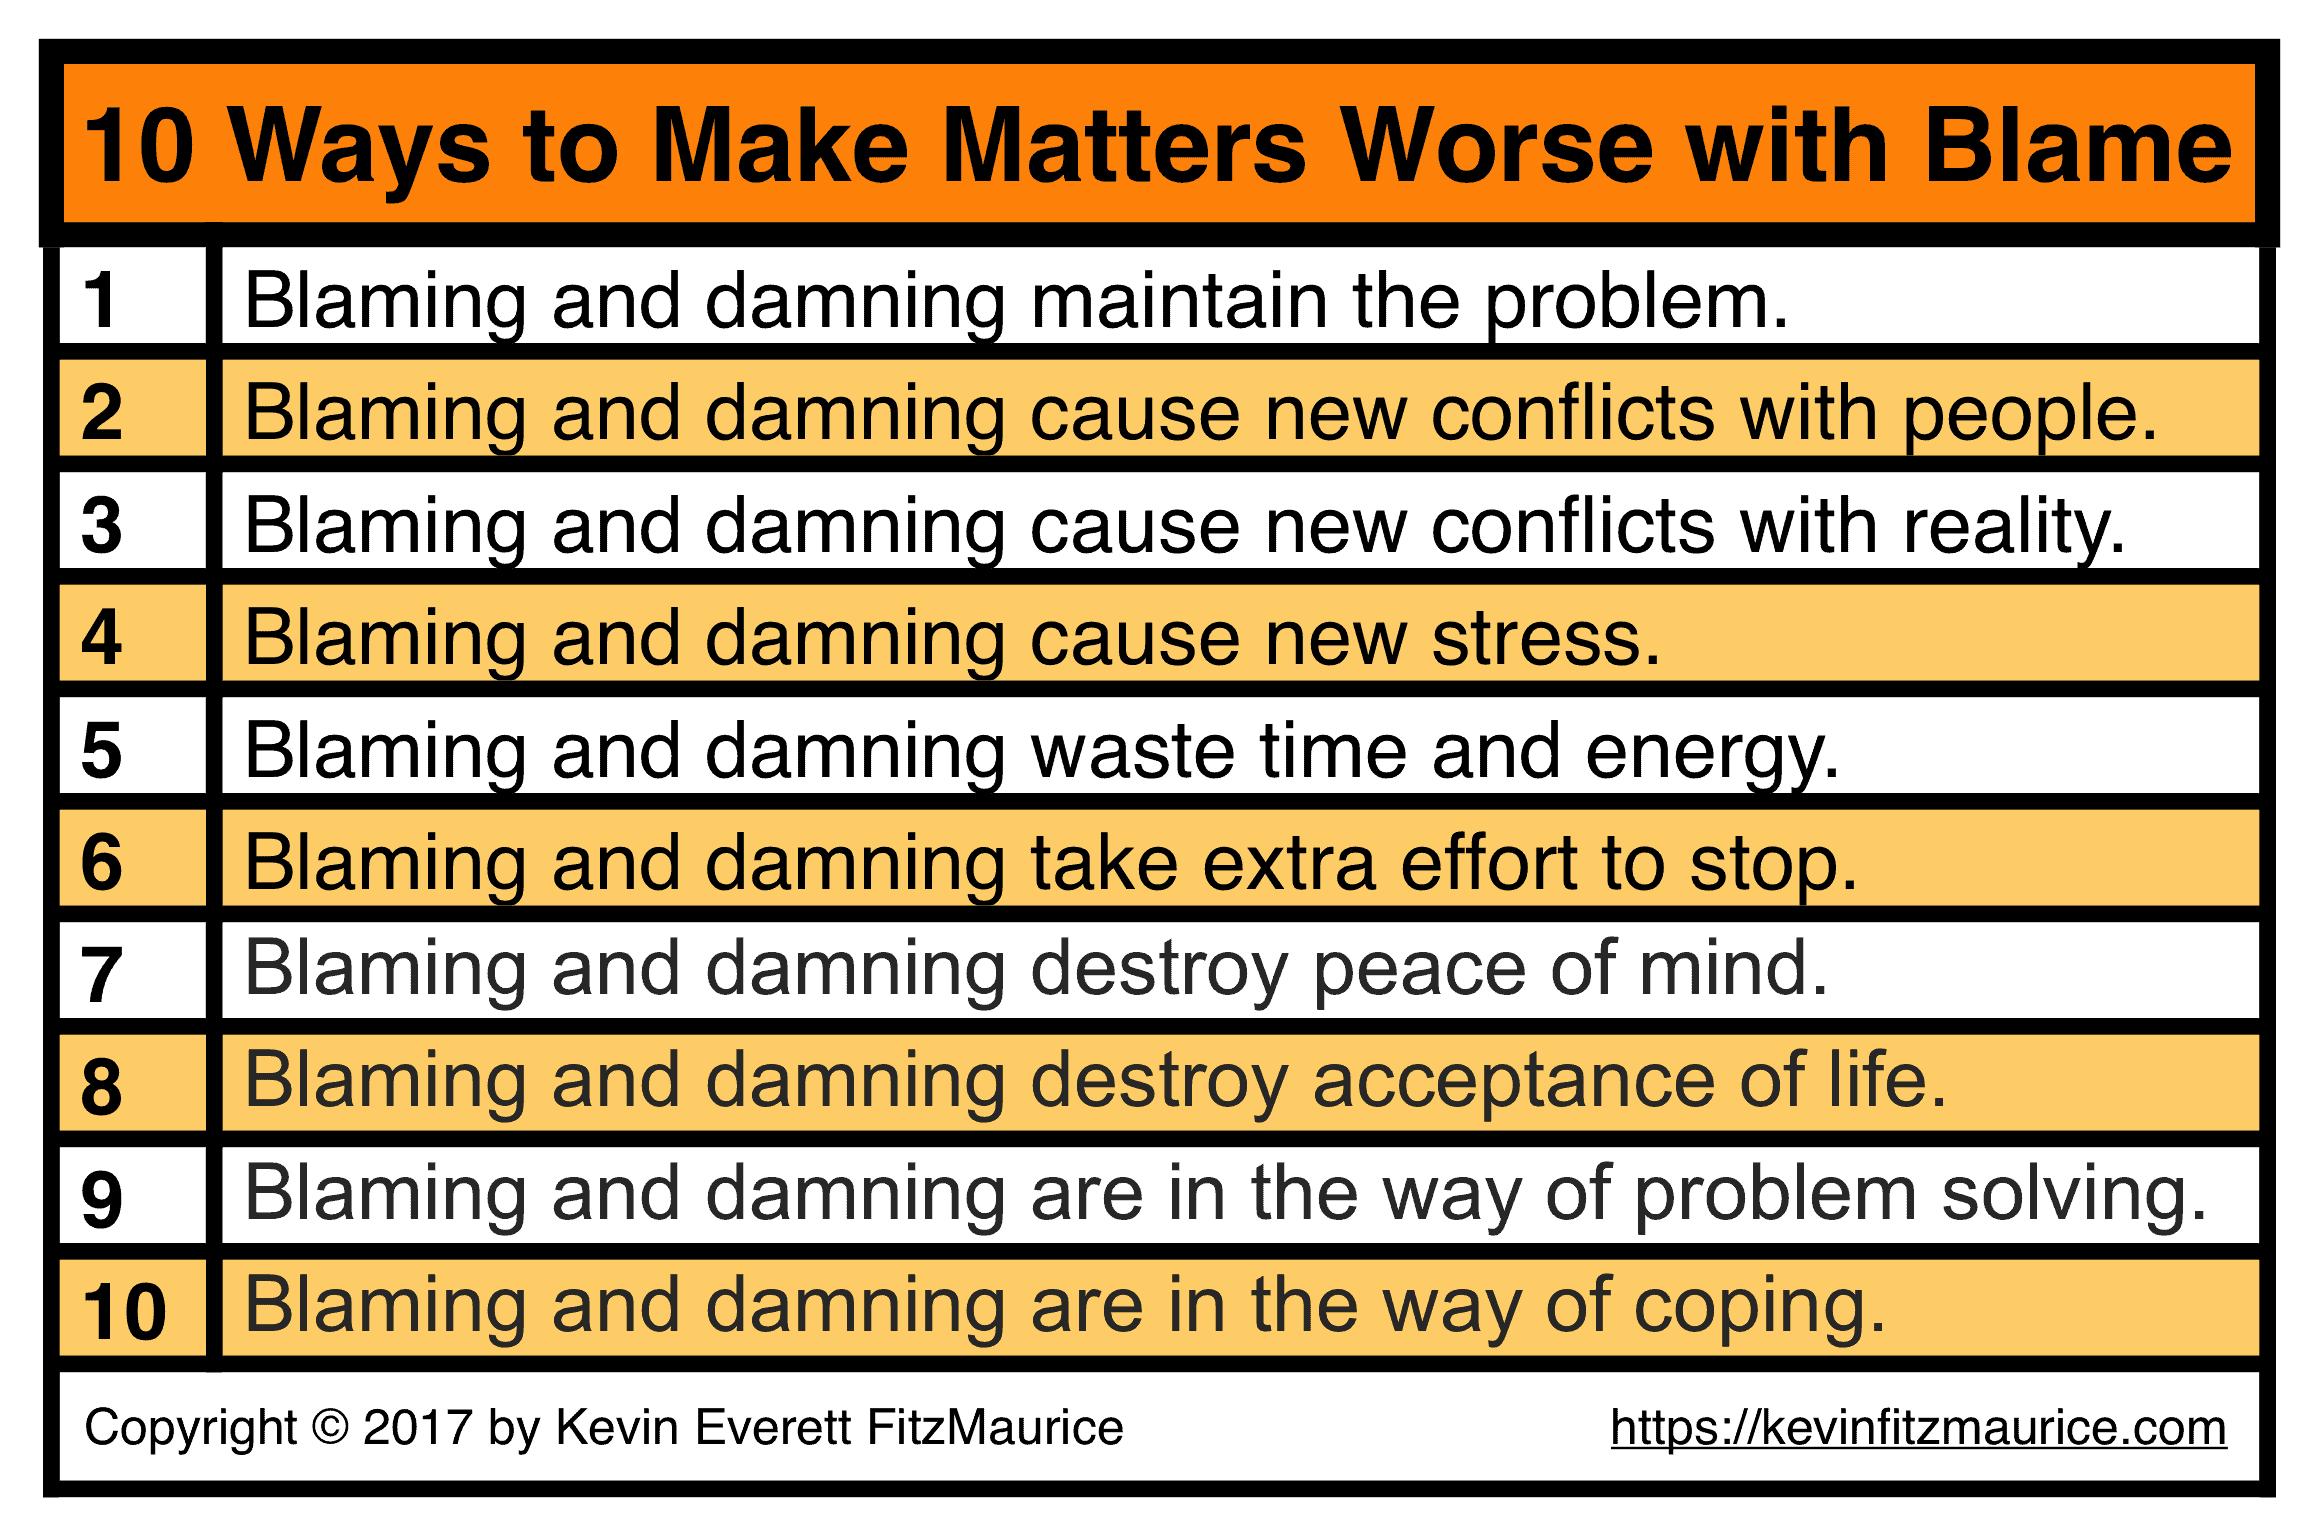 10 Ways to Make Things Worse